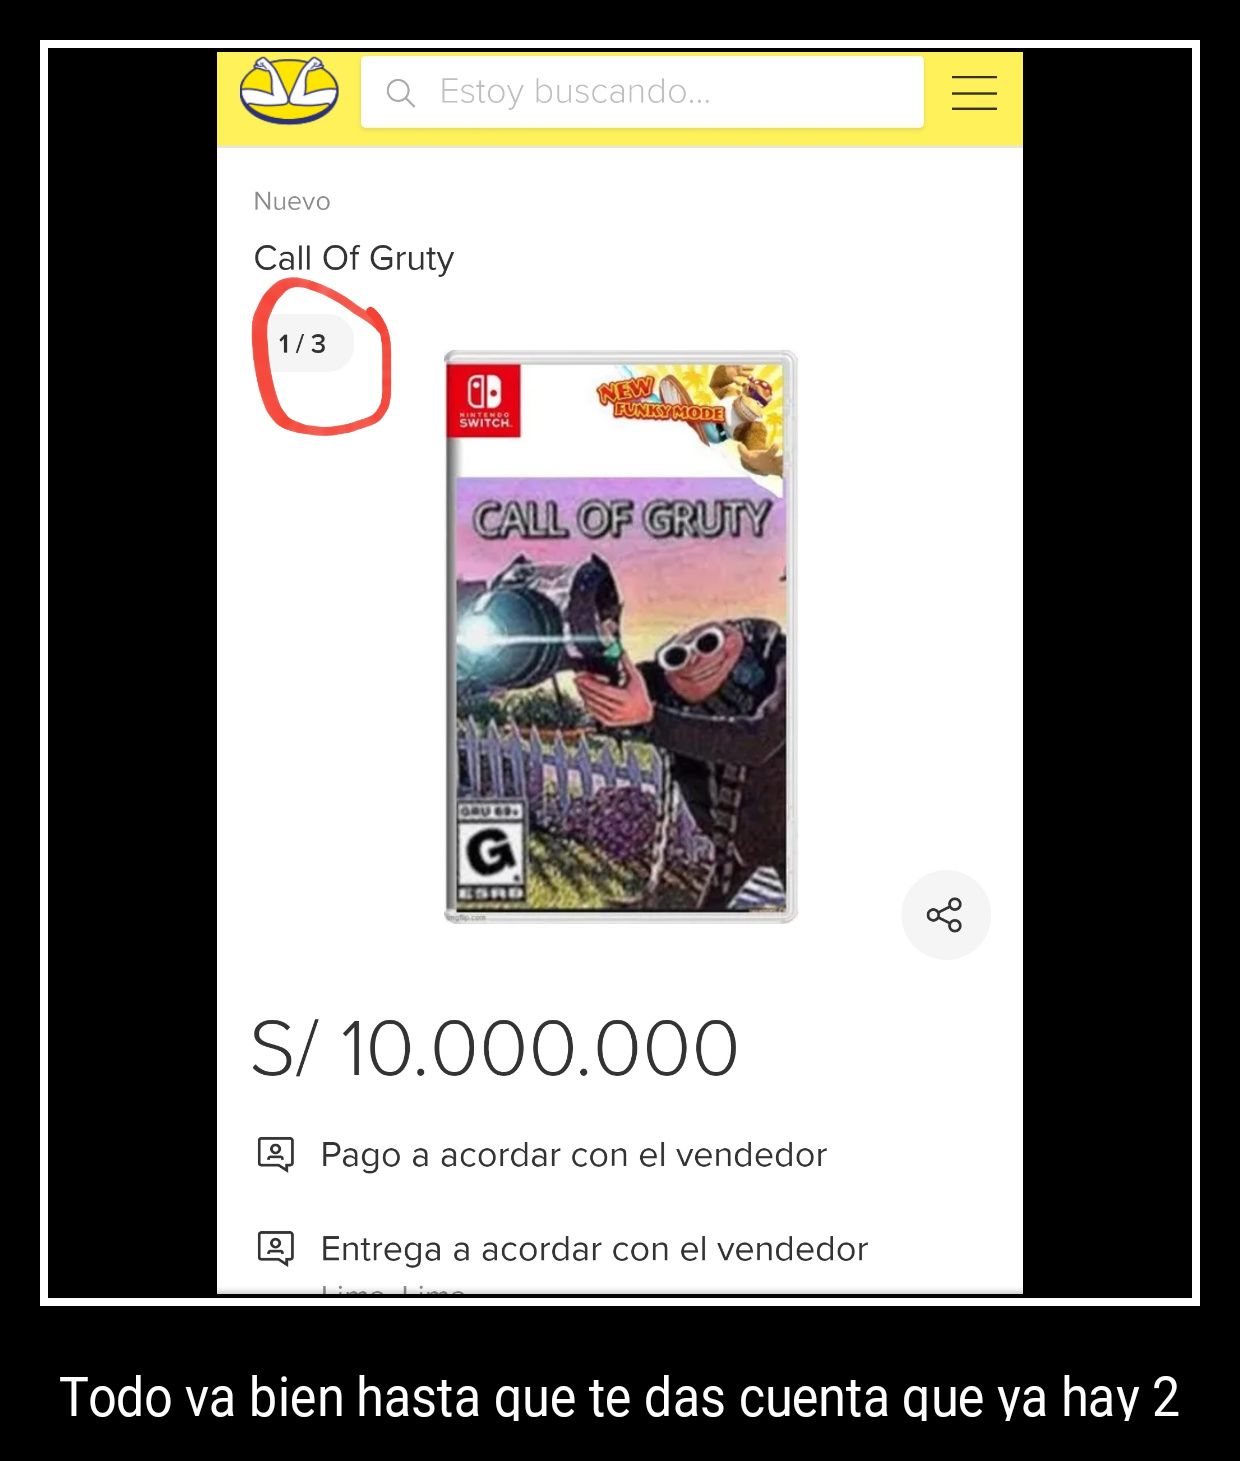 Ya está disponible el Call of Gruty, ya vayan a comprarlo que solo queda 1 edición - meme